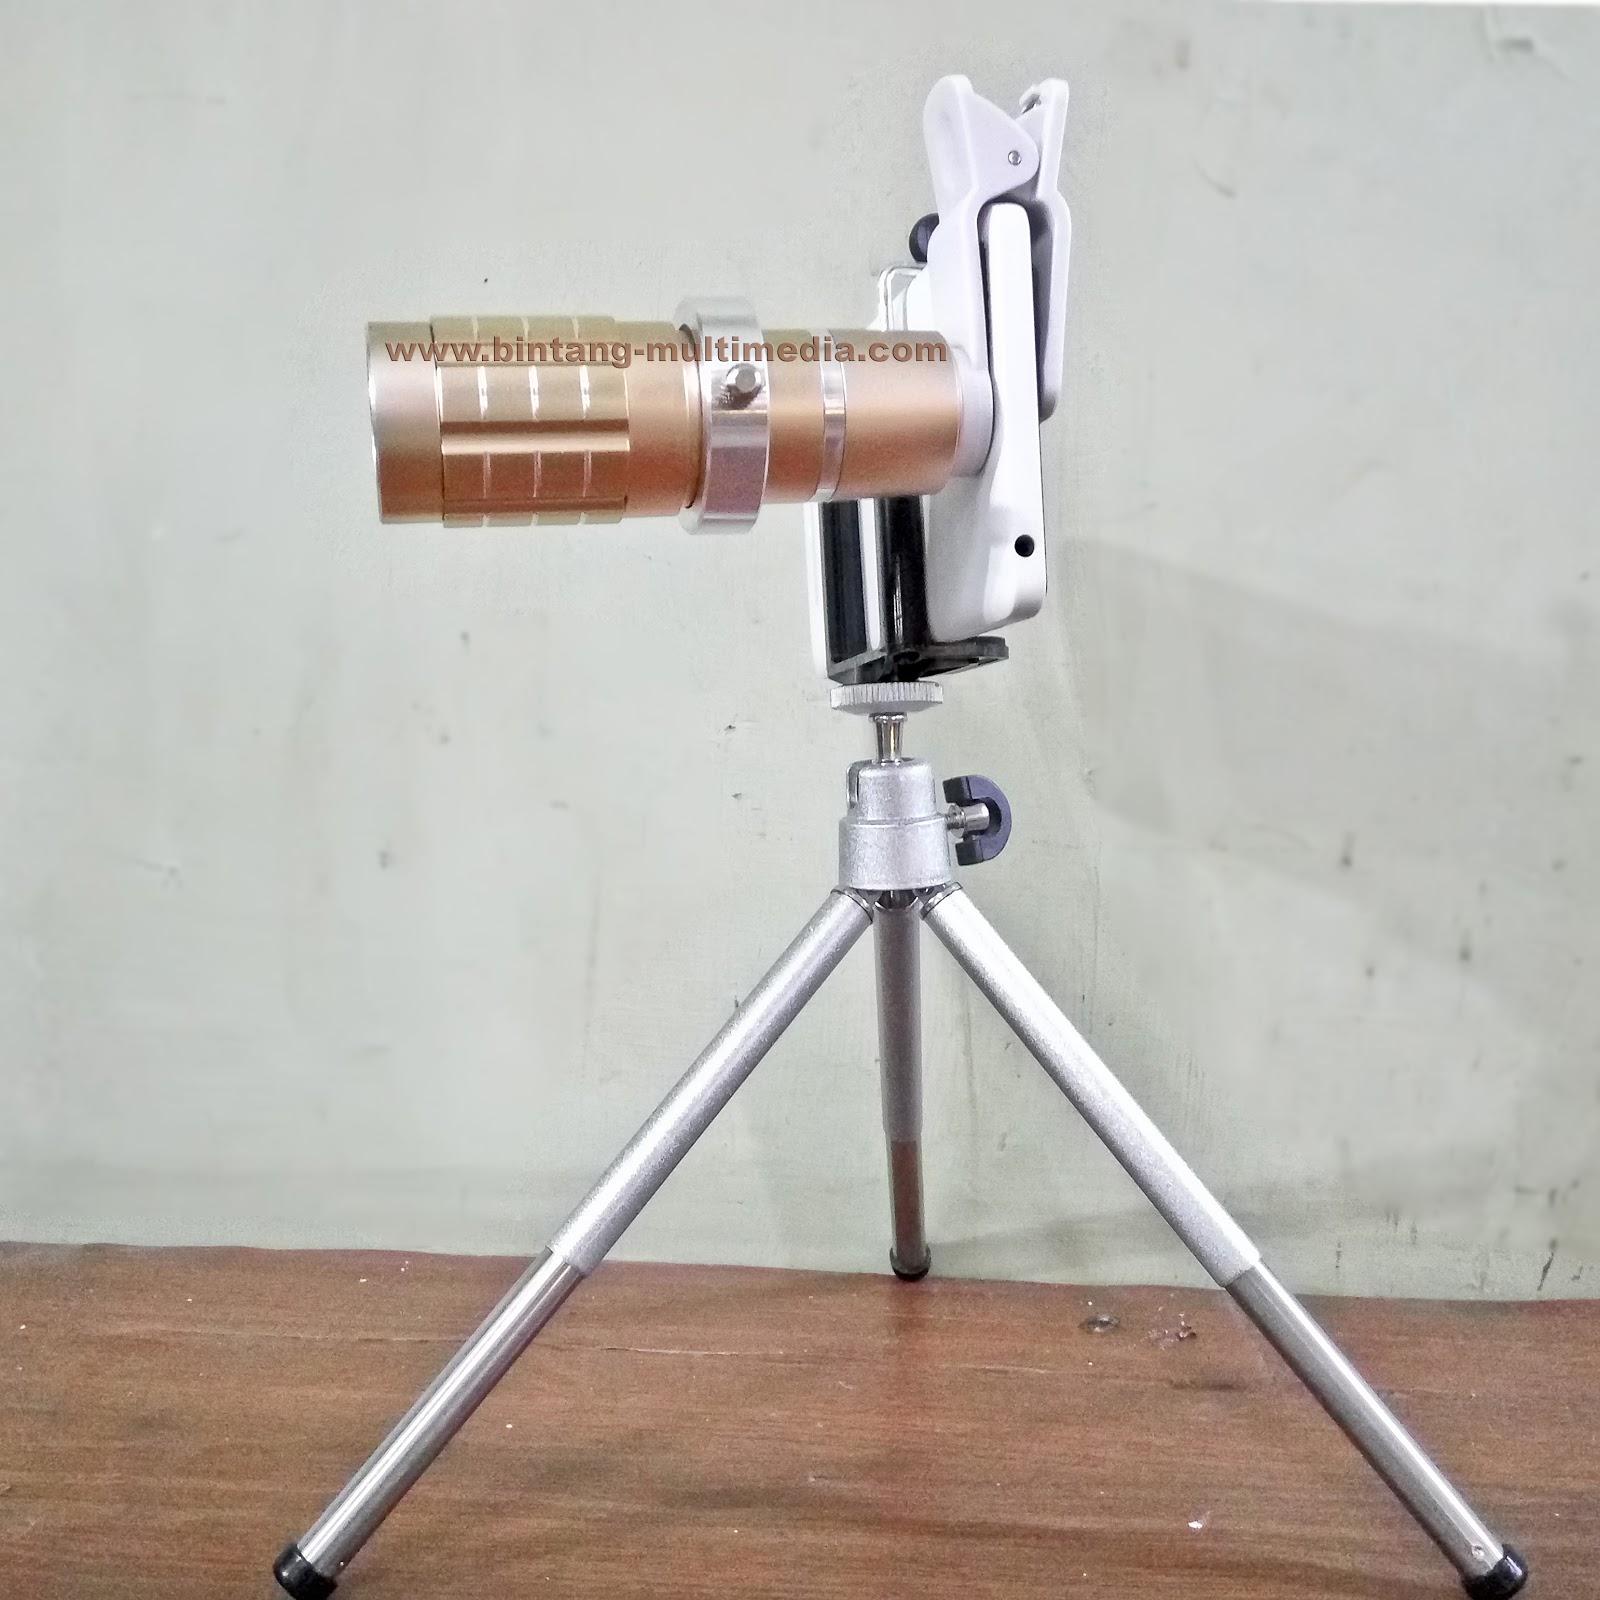 Harga Jual Lensa Telezoom 12x Tele Zoom Telescope Universal Hp Jepit Handphone Plus Mini Tripod